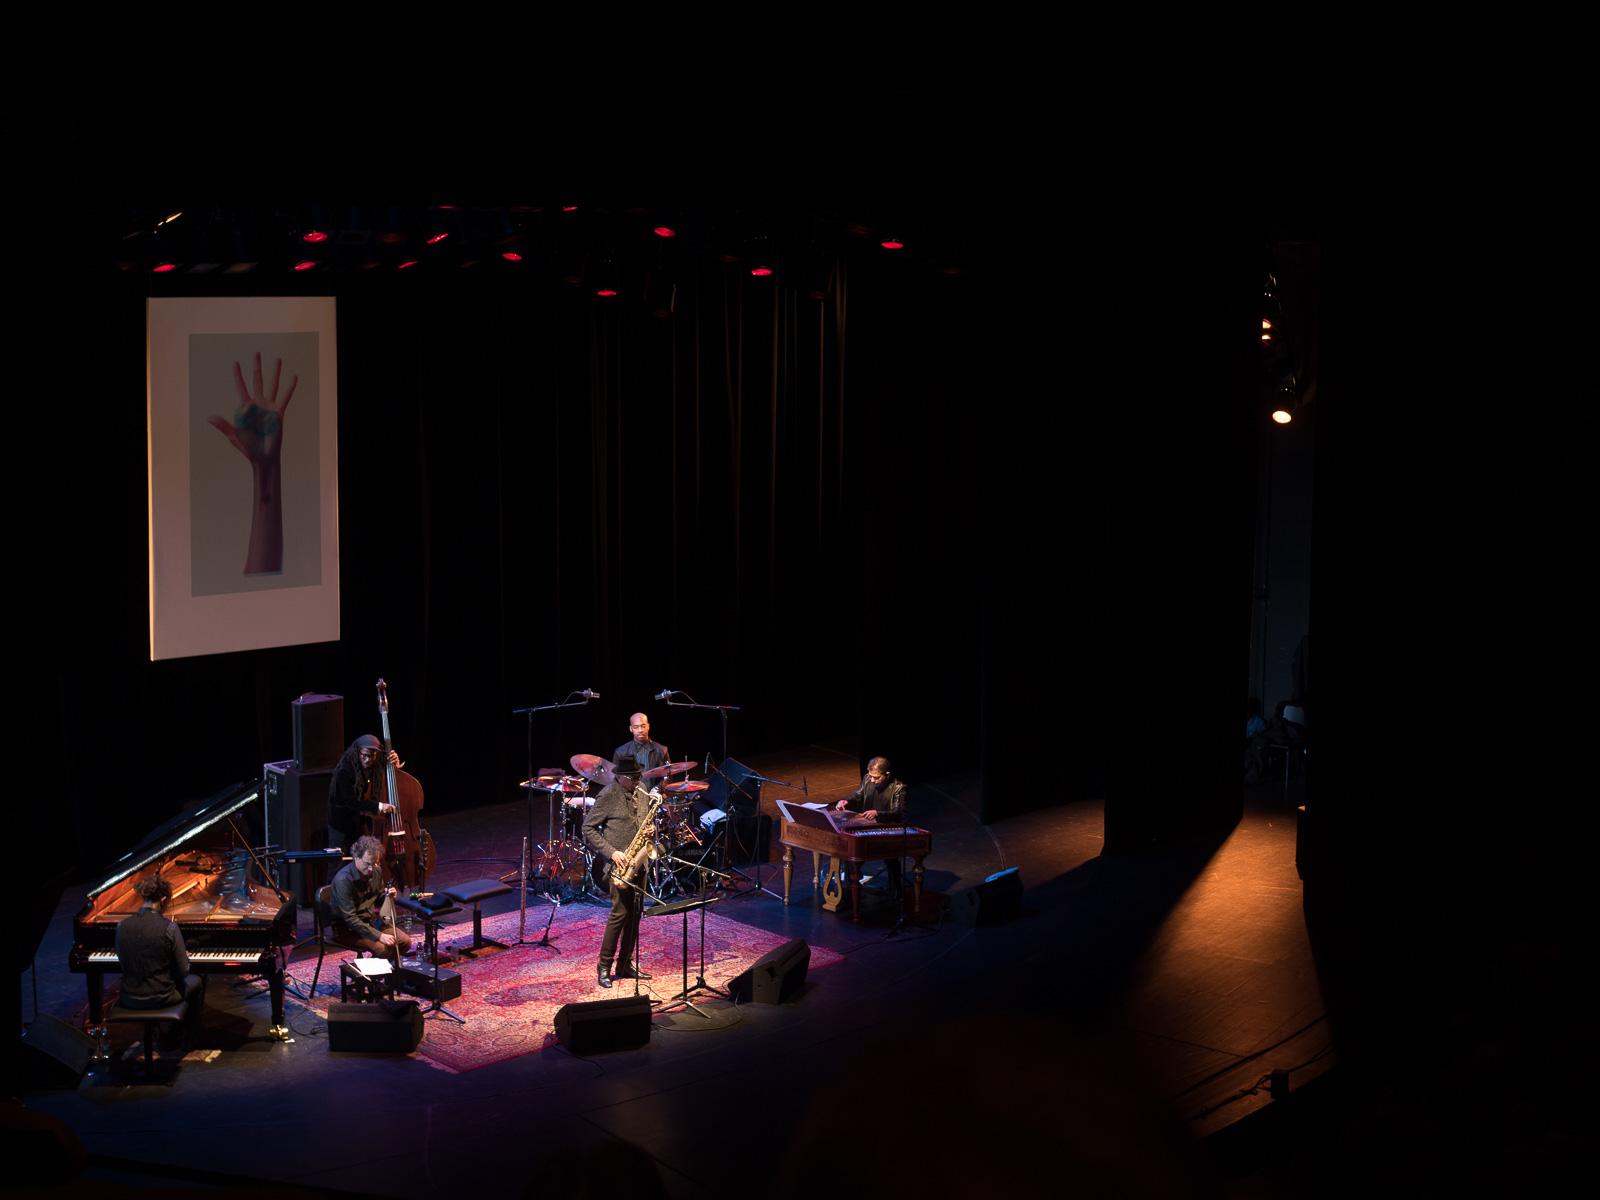 Charles Lloyd beim Jazzfest Berlin 2015. Foto: Martin Hufner